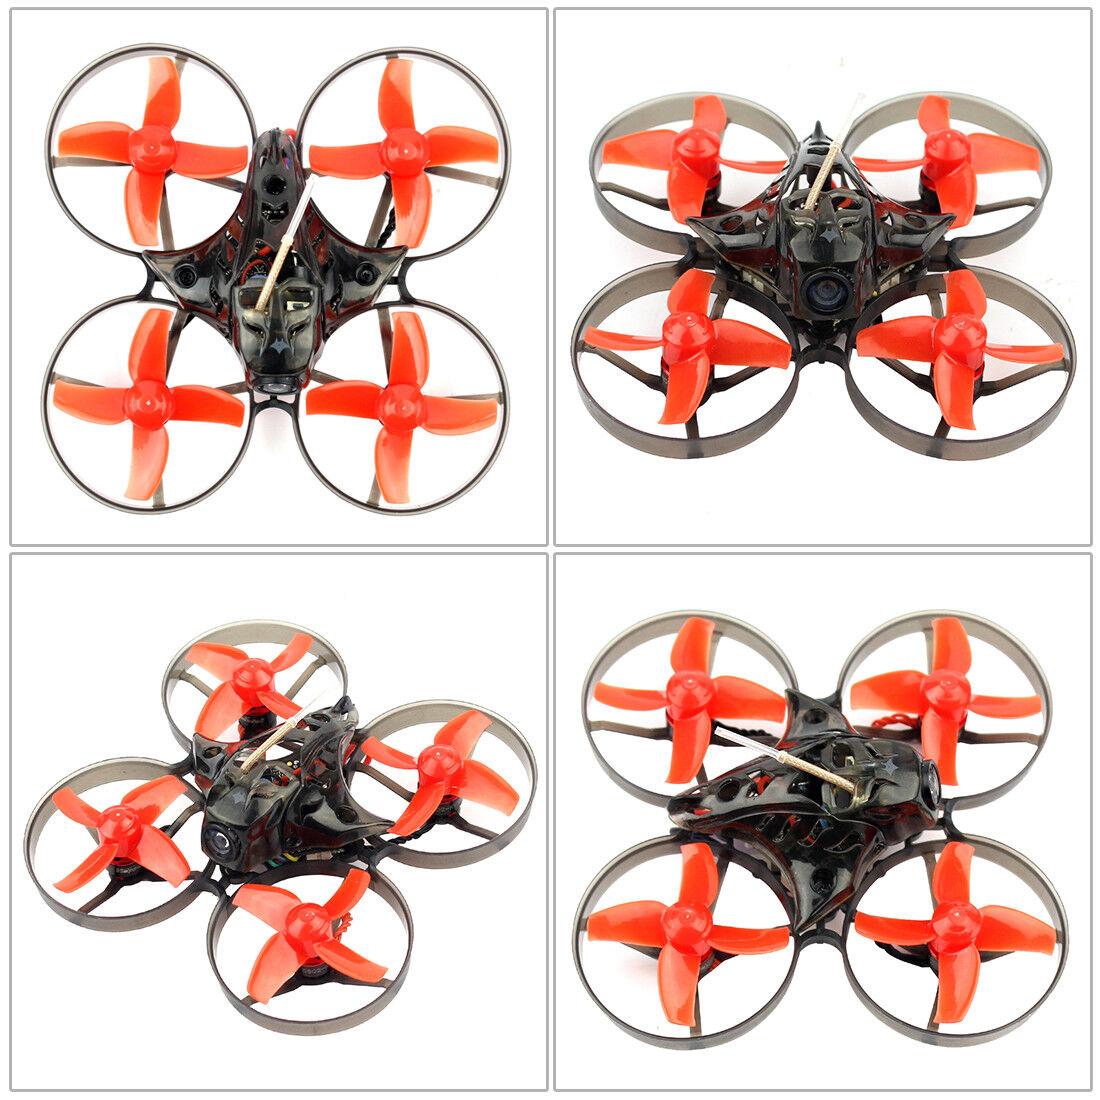 Happymodellolo Mobula7 OSD  2S Whoop 75mm +props FPV Racing Drone BNF Crazybee F3 Pro  presentando tutte le ultime tendenze della moda